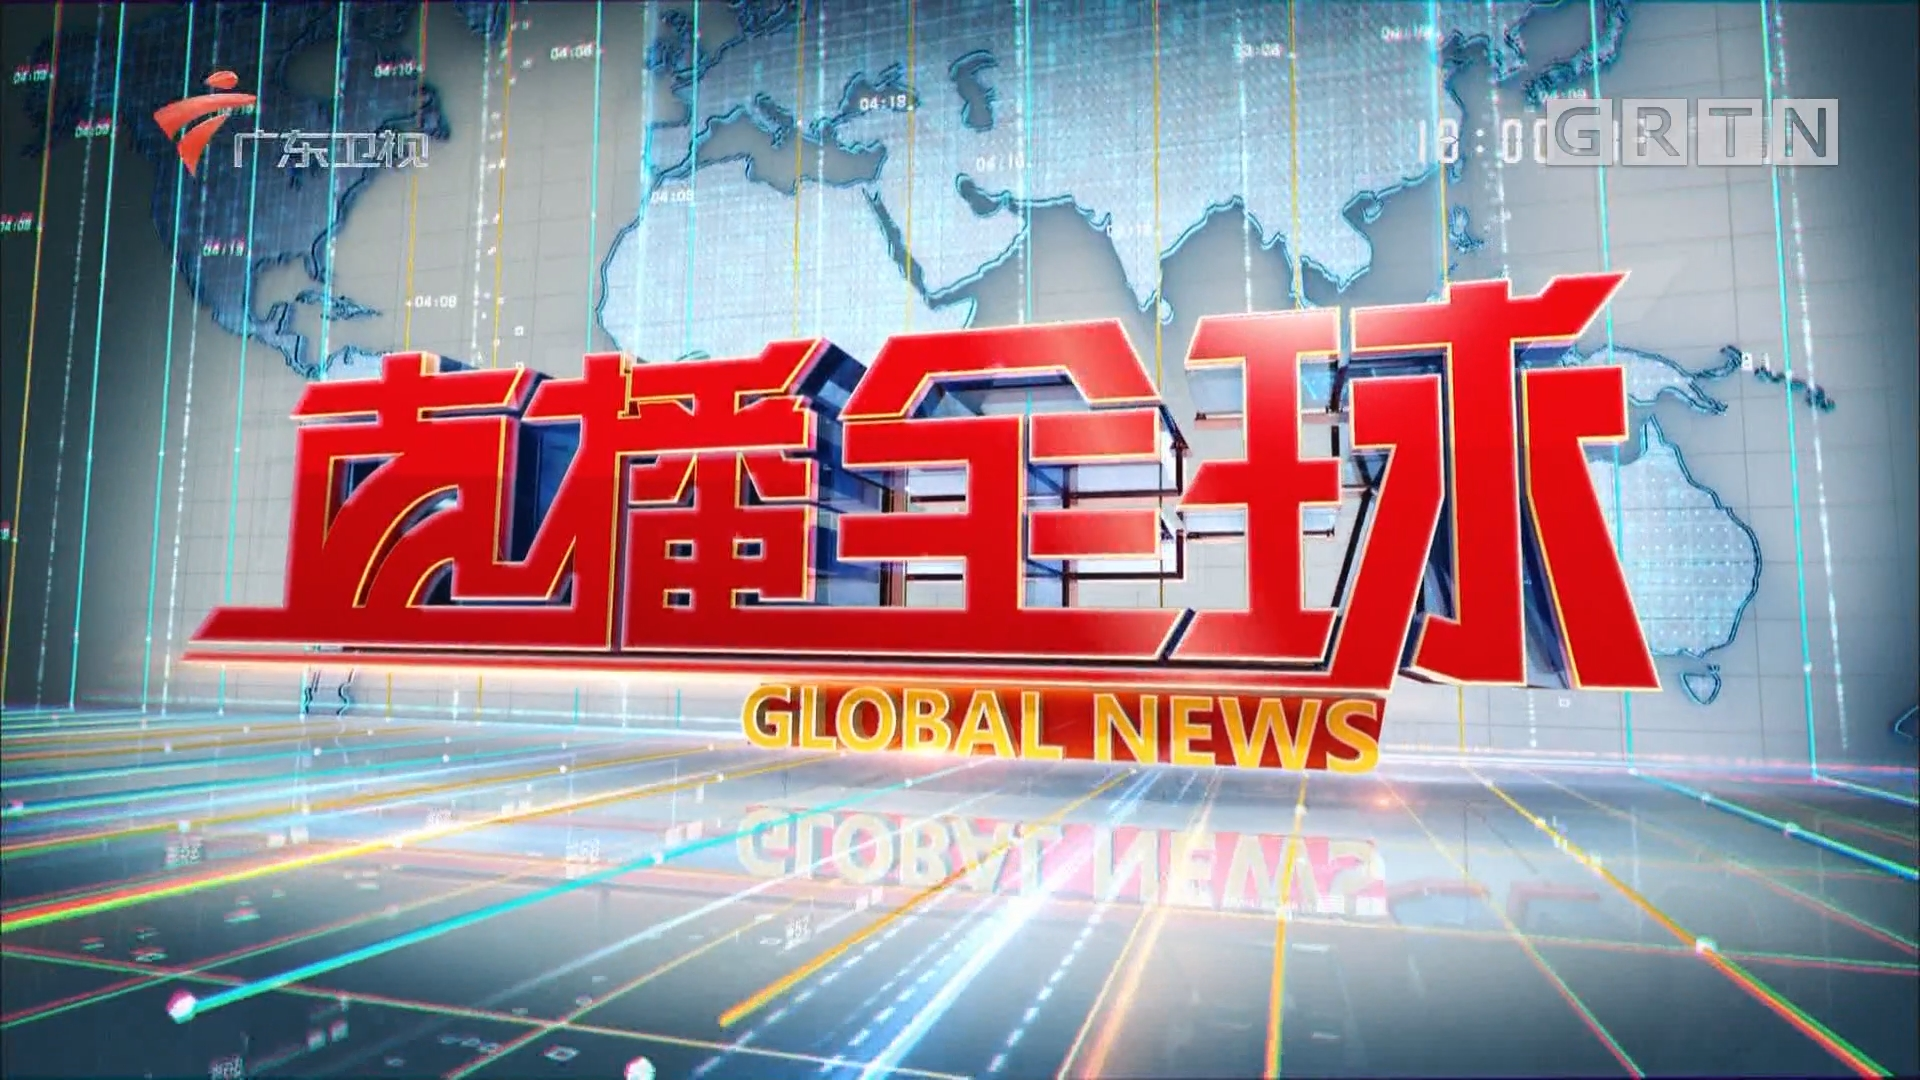 """[HD][2019-05-30]直播全球:广东:海关""""先放后检""""为大宗货物通关提效 压缩通关时间 提高效率"""